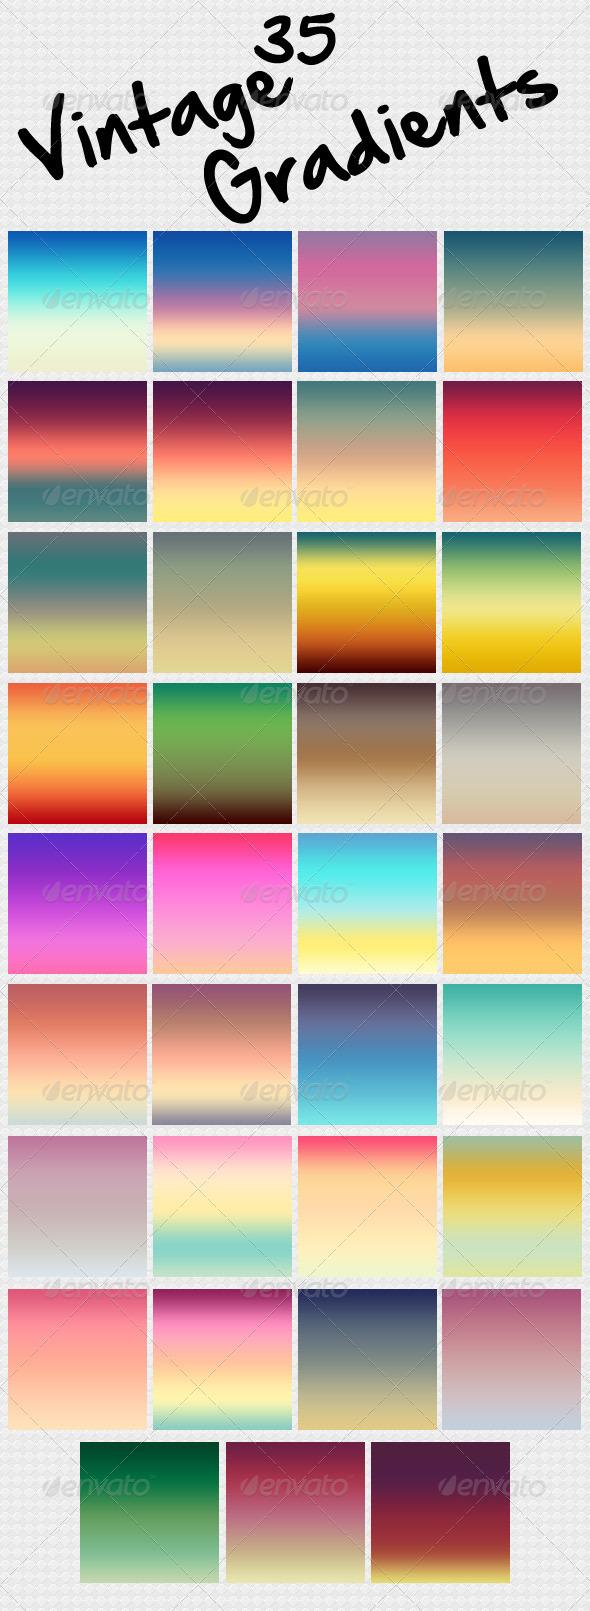 GraphicRiver 35 Vintage Gradients 4872158